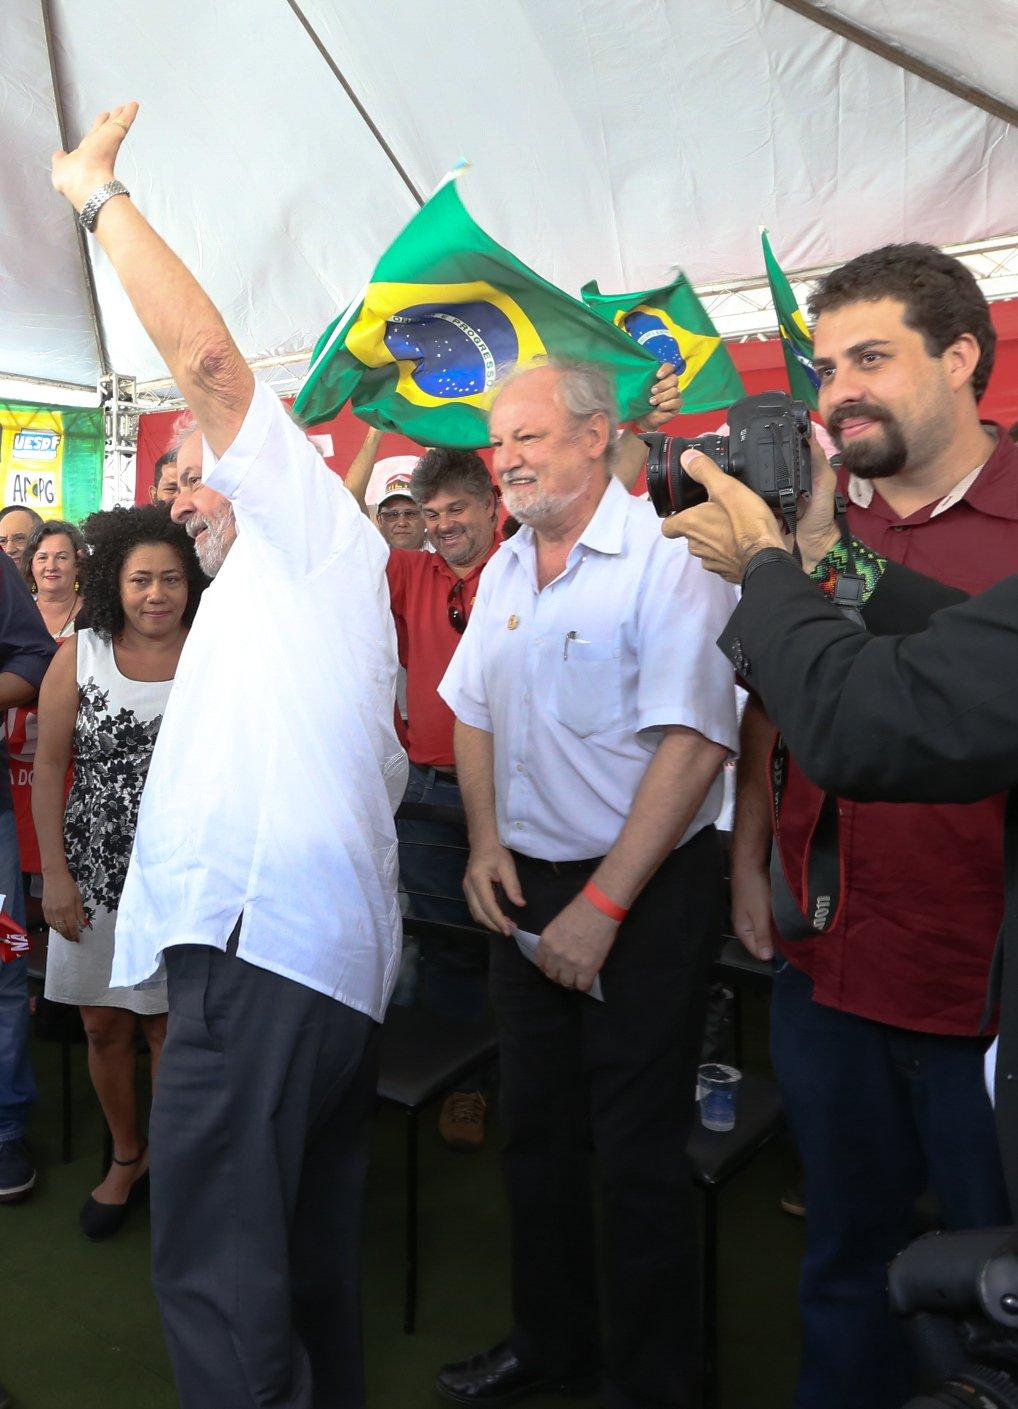 Brasília- DF 16-04-2016 Ex-presidente, Lula e lideranças sindicais, paralmentares durante ato no acampamento do MST em Brasília. Foto Lula Marques/Agência PT